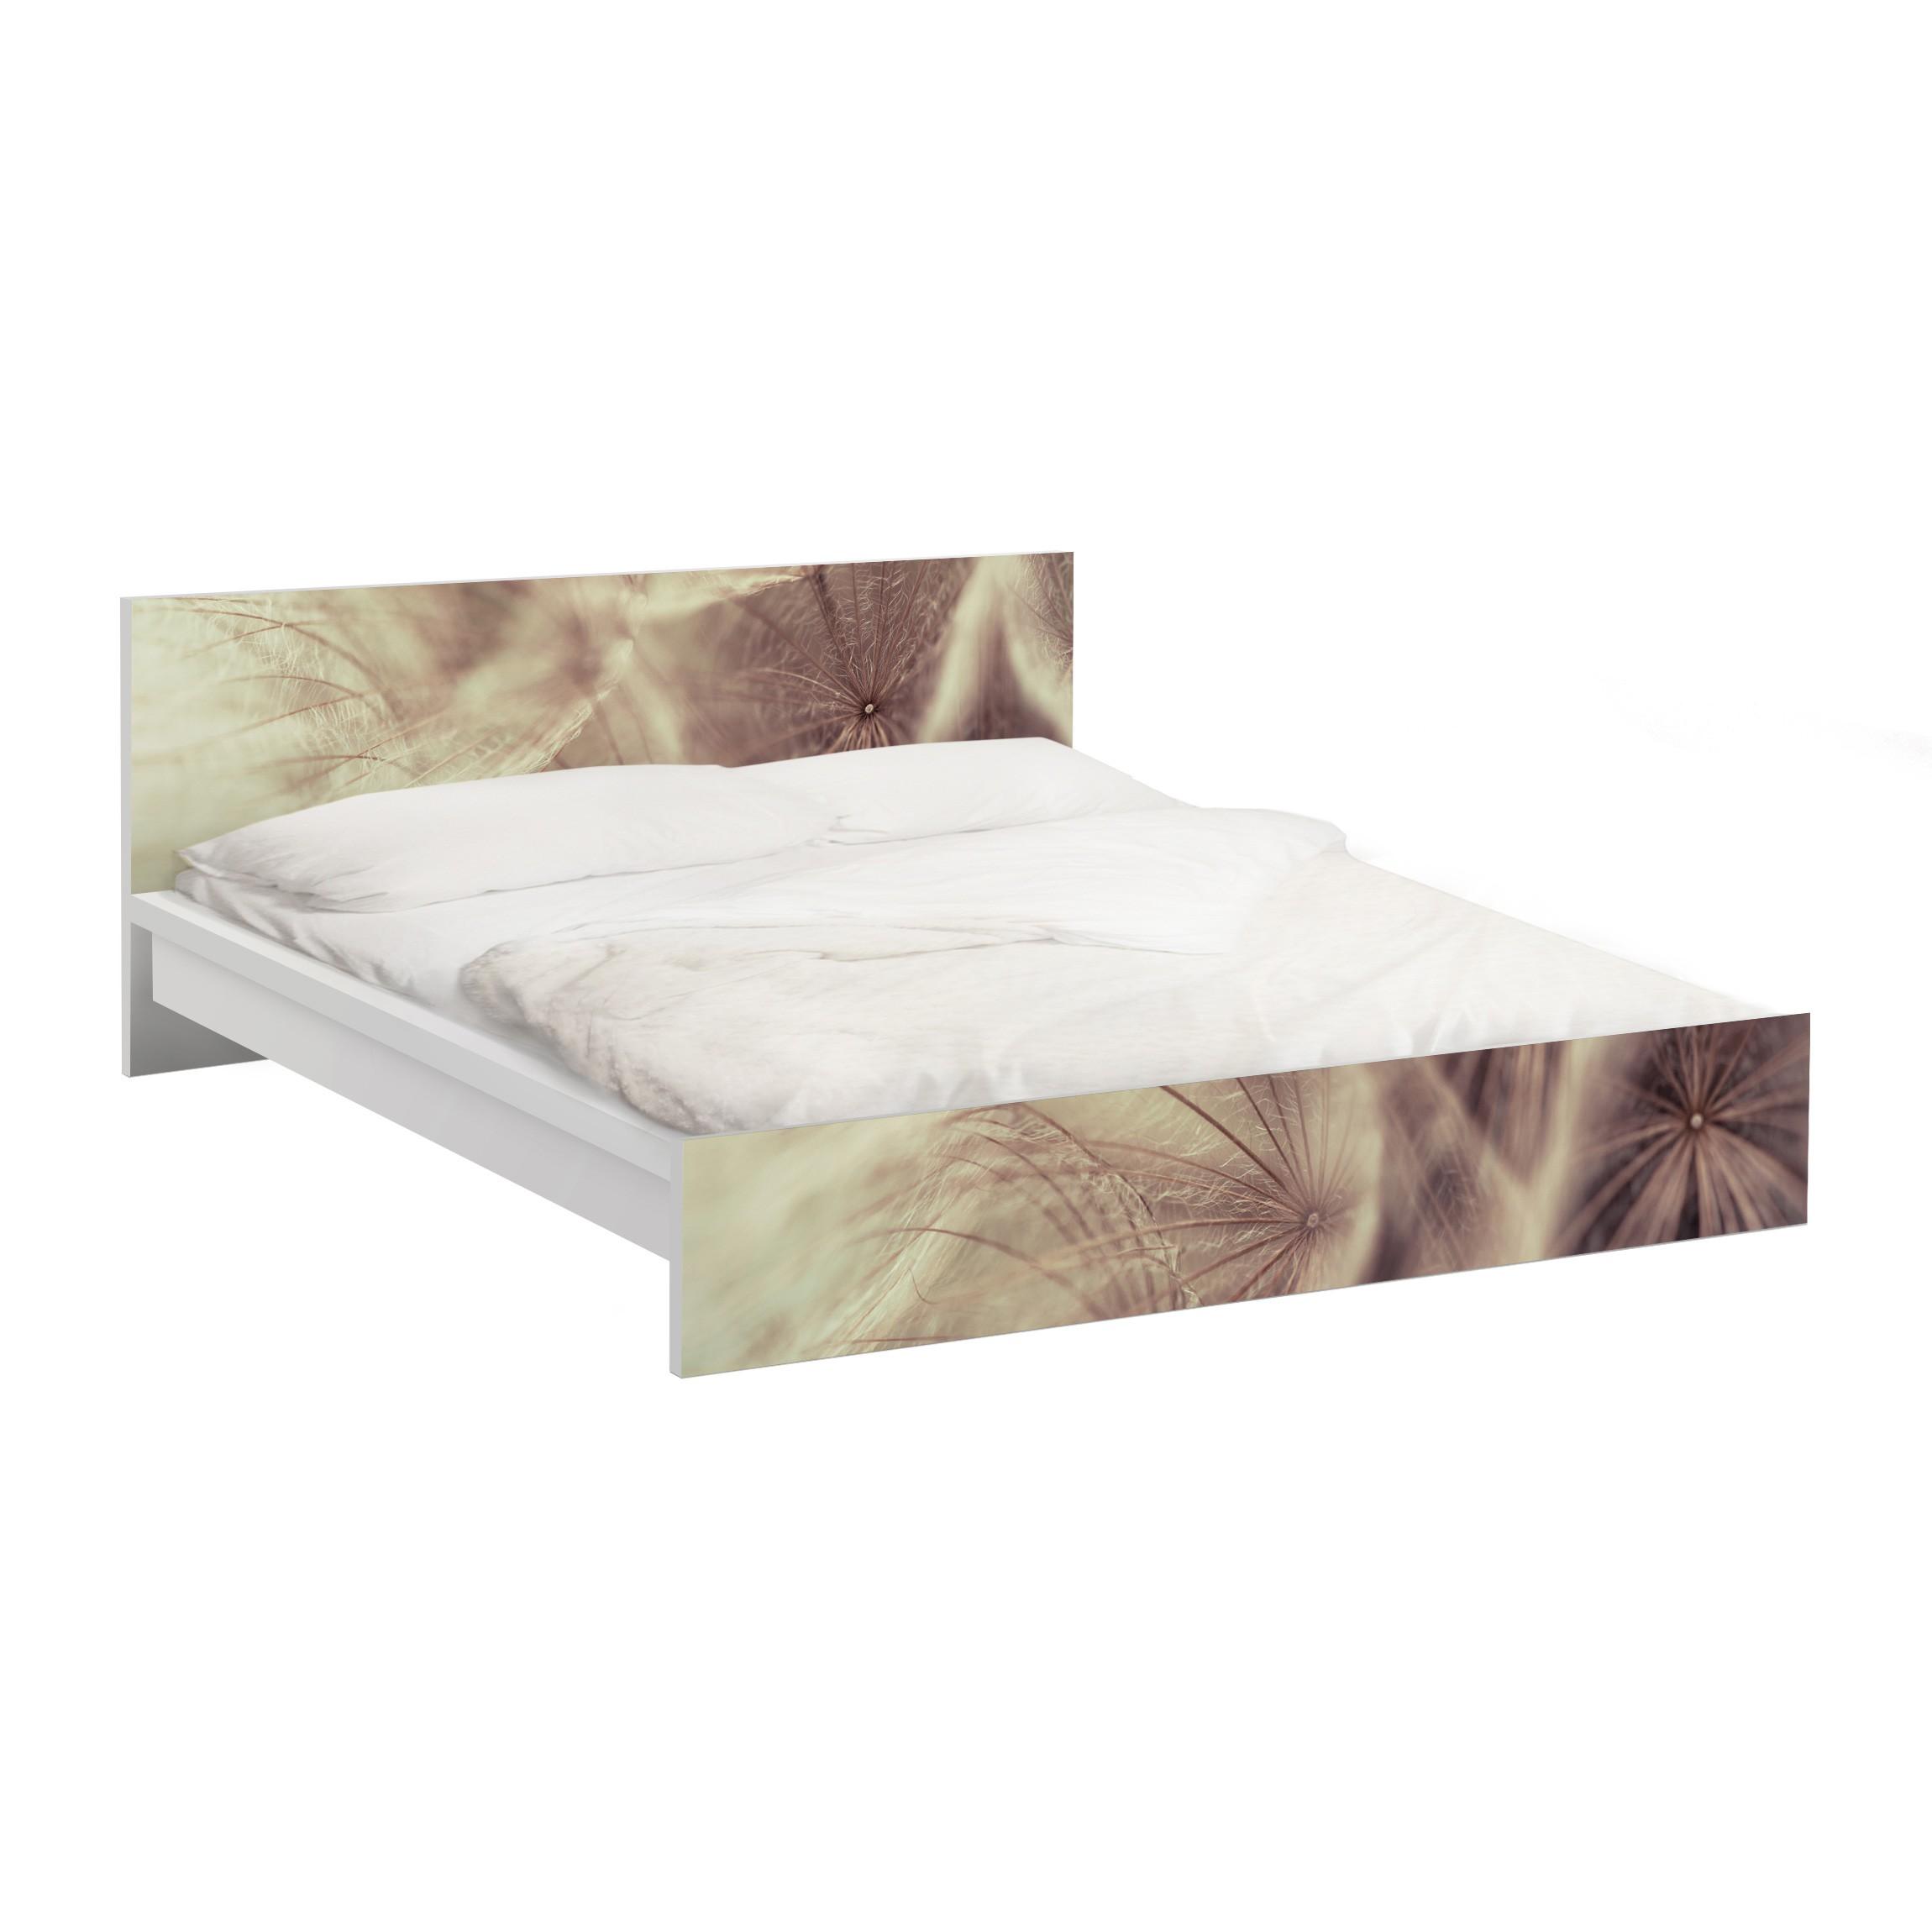 m belfolie f r ikea malm bett niedrig 180x200cm detailreiche pusteblumen makroaufnahme mit. Black Bedroom Furniture Sets. Home Design Ideas